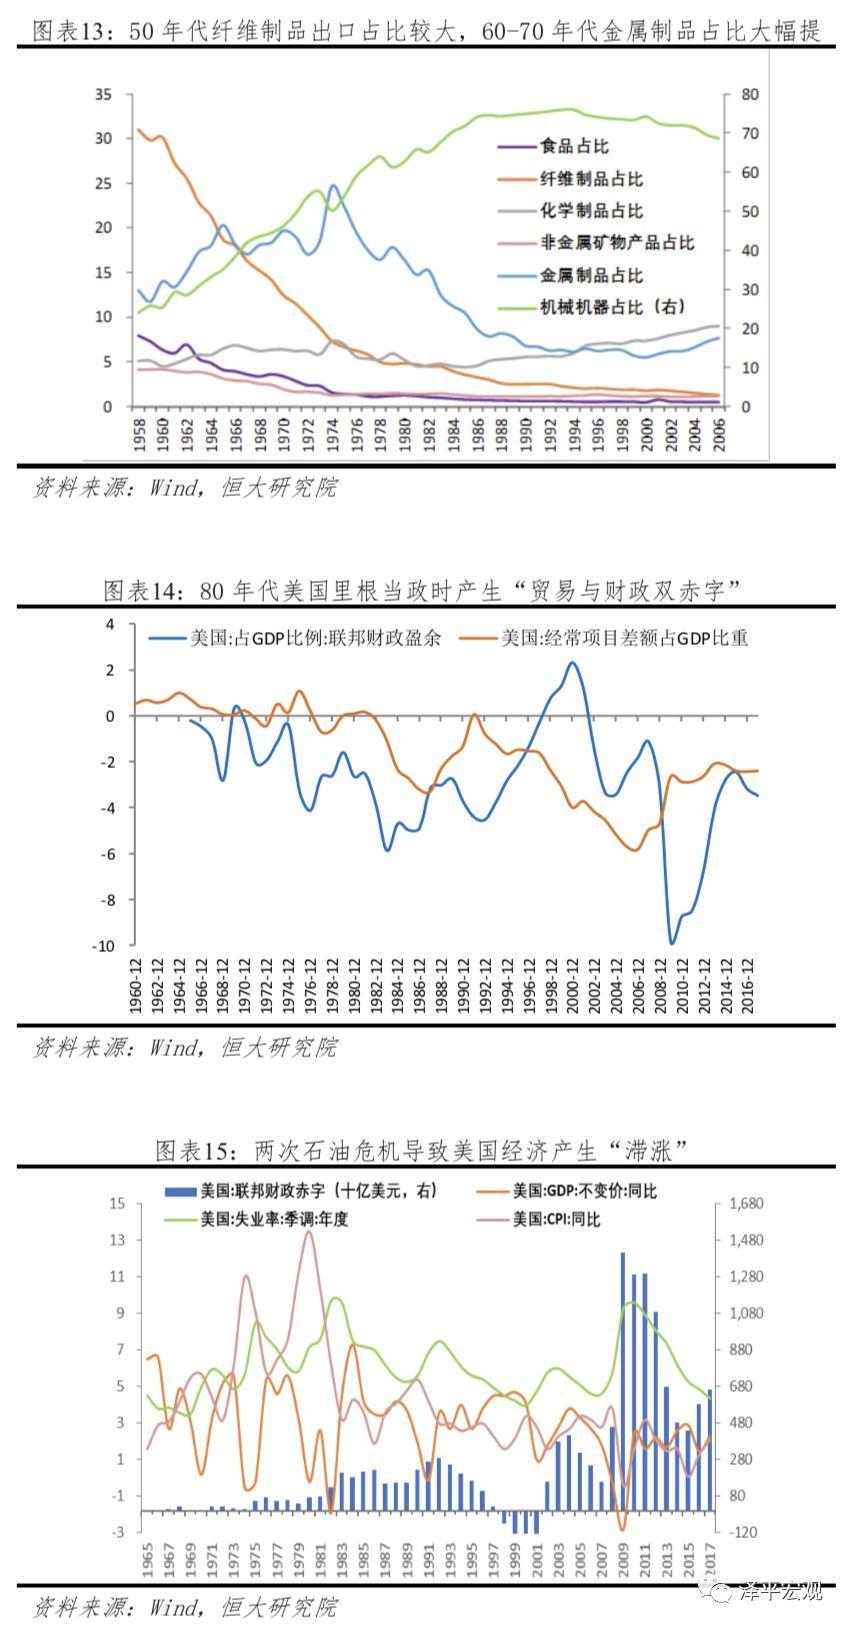 日美贸易战启示录:经济争霸